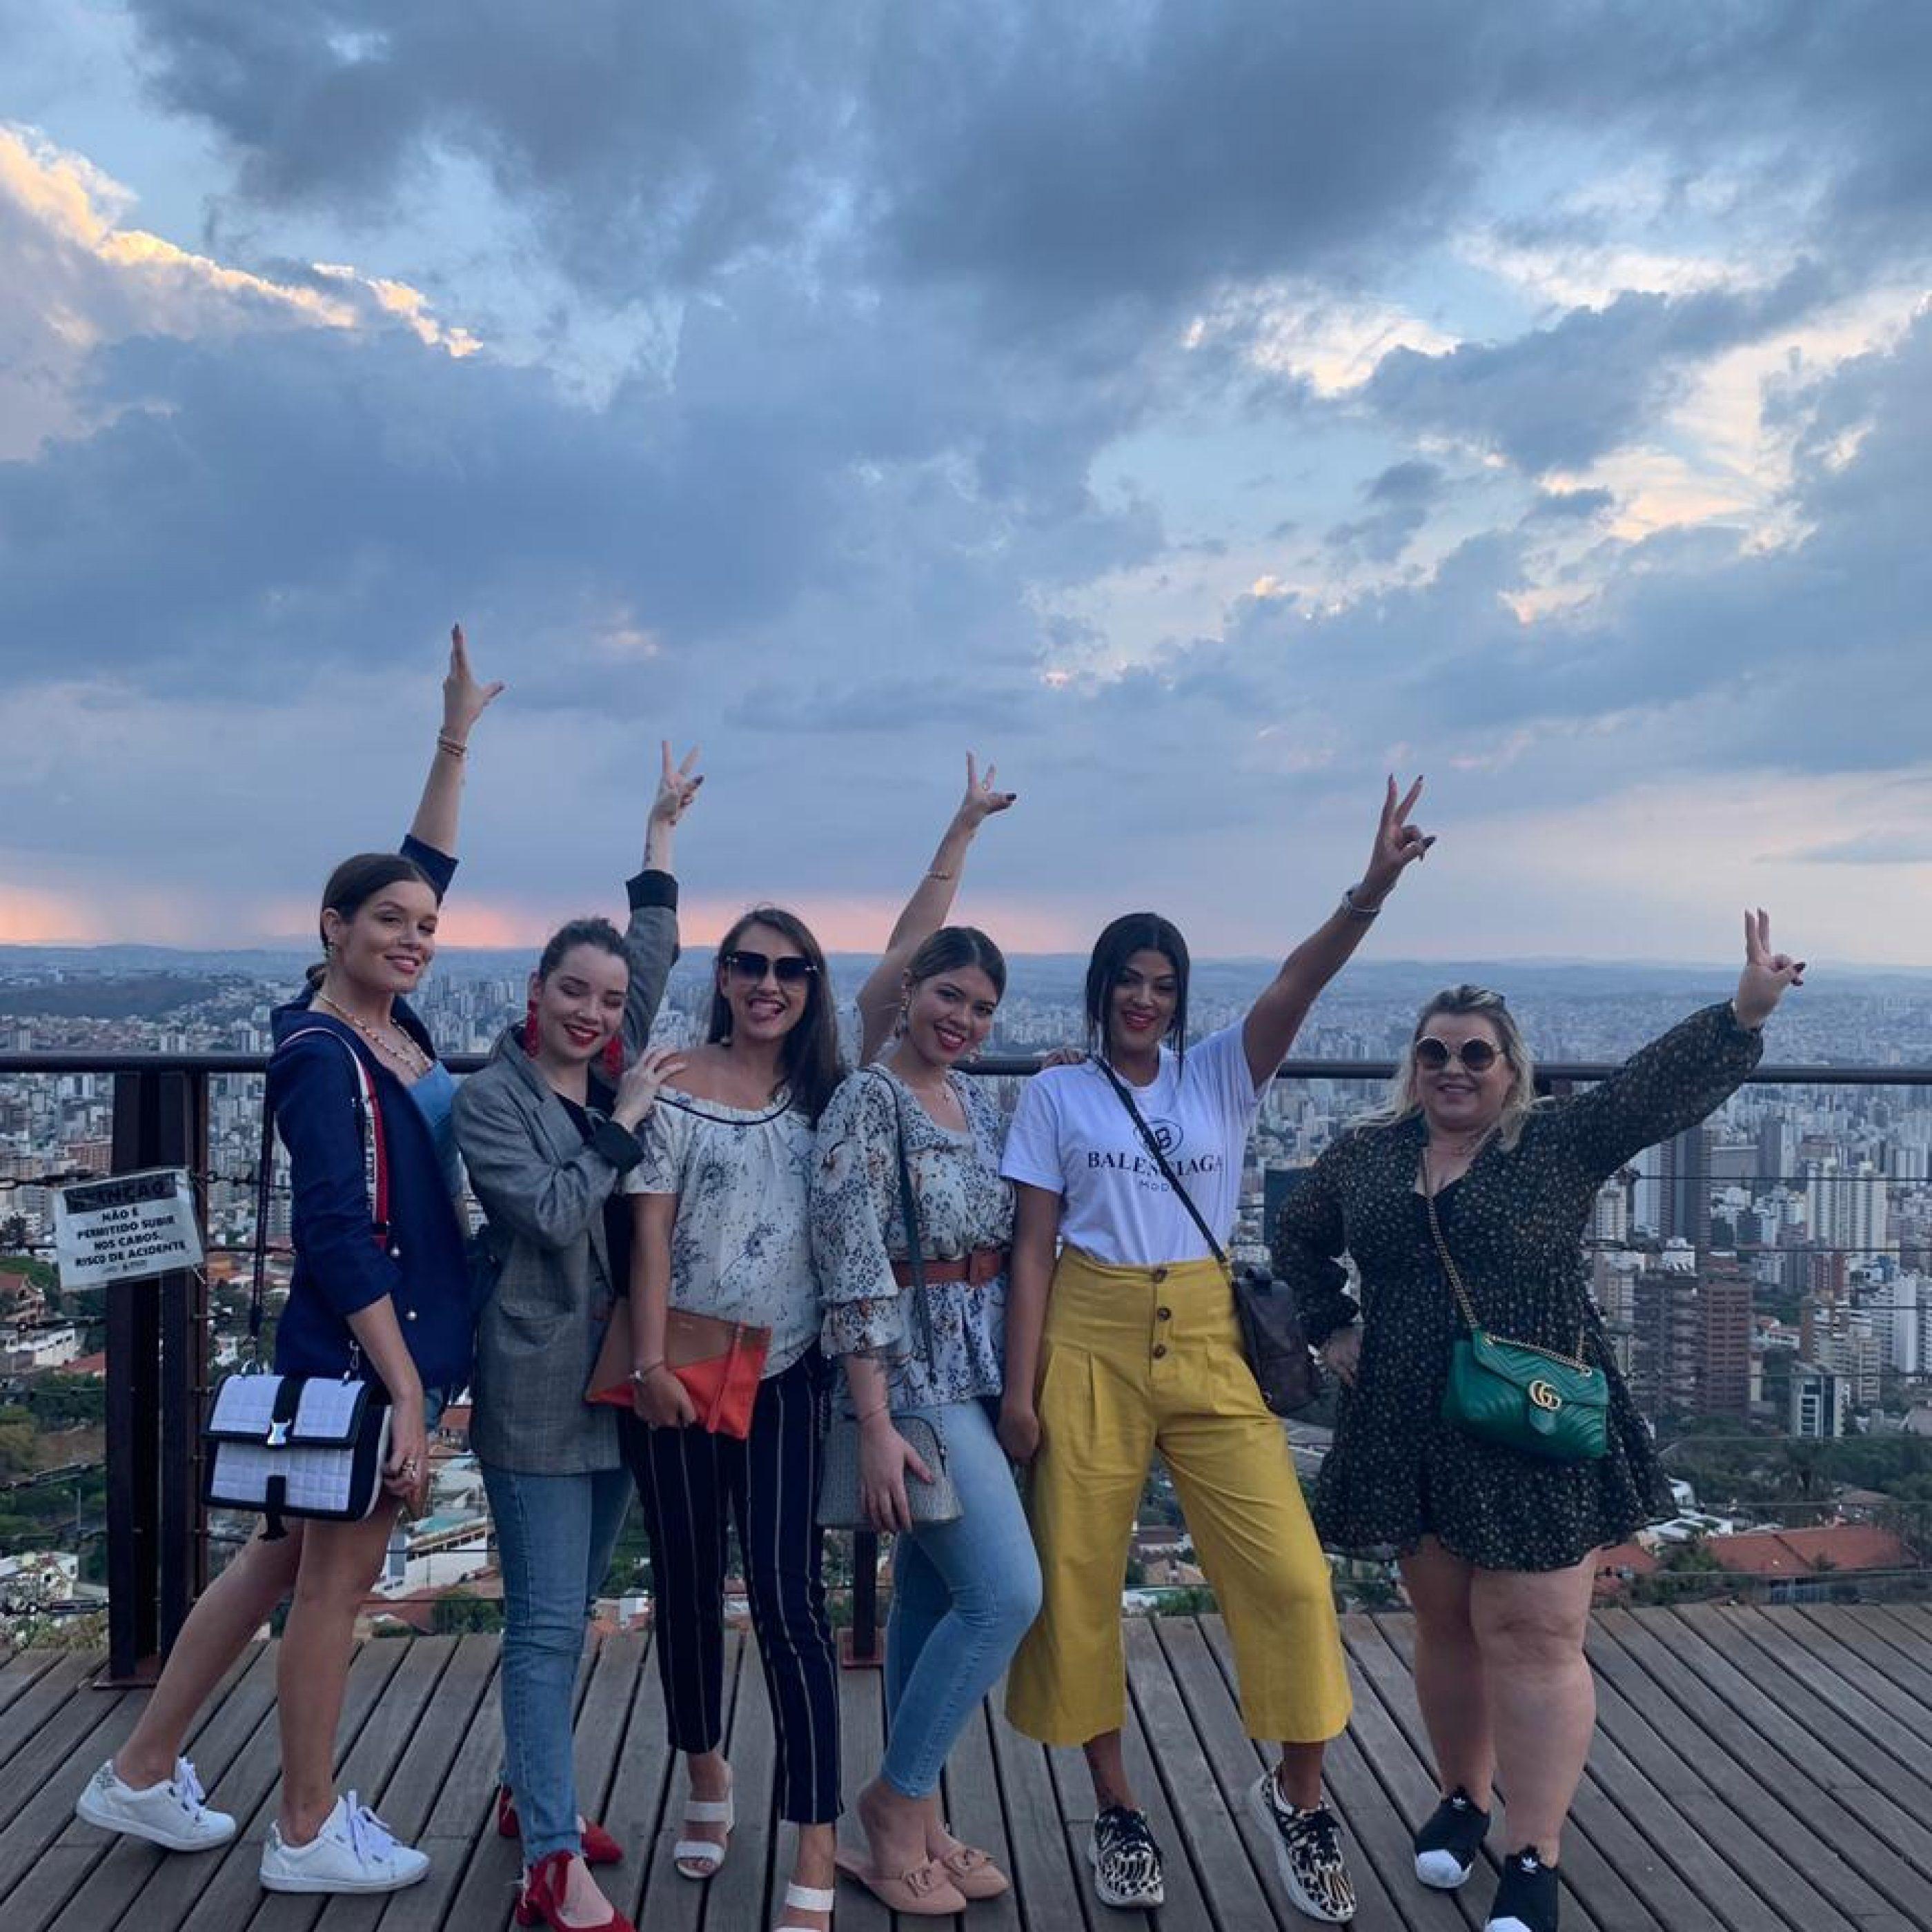 Minas Trend 2019  – Conhecendo Minas Gerais, Belo Horizonte